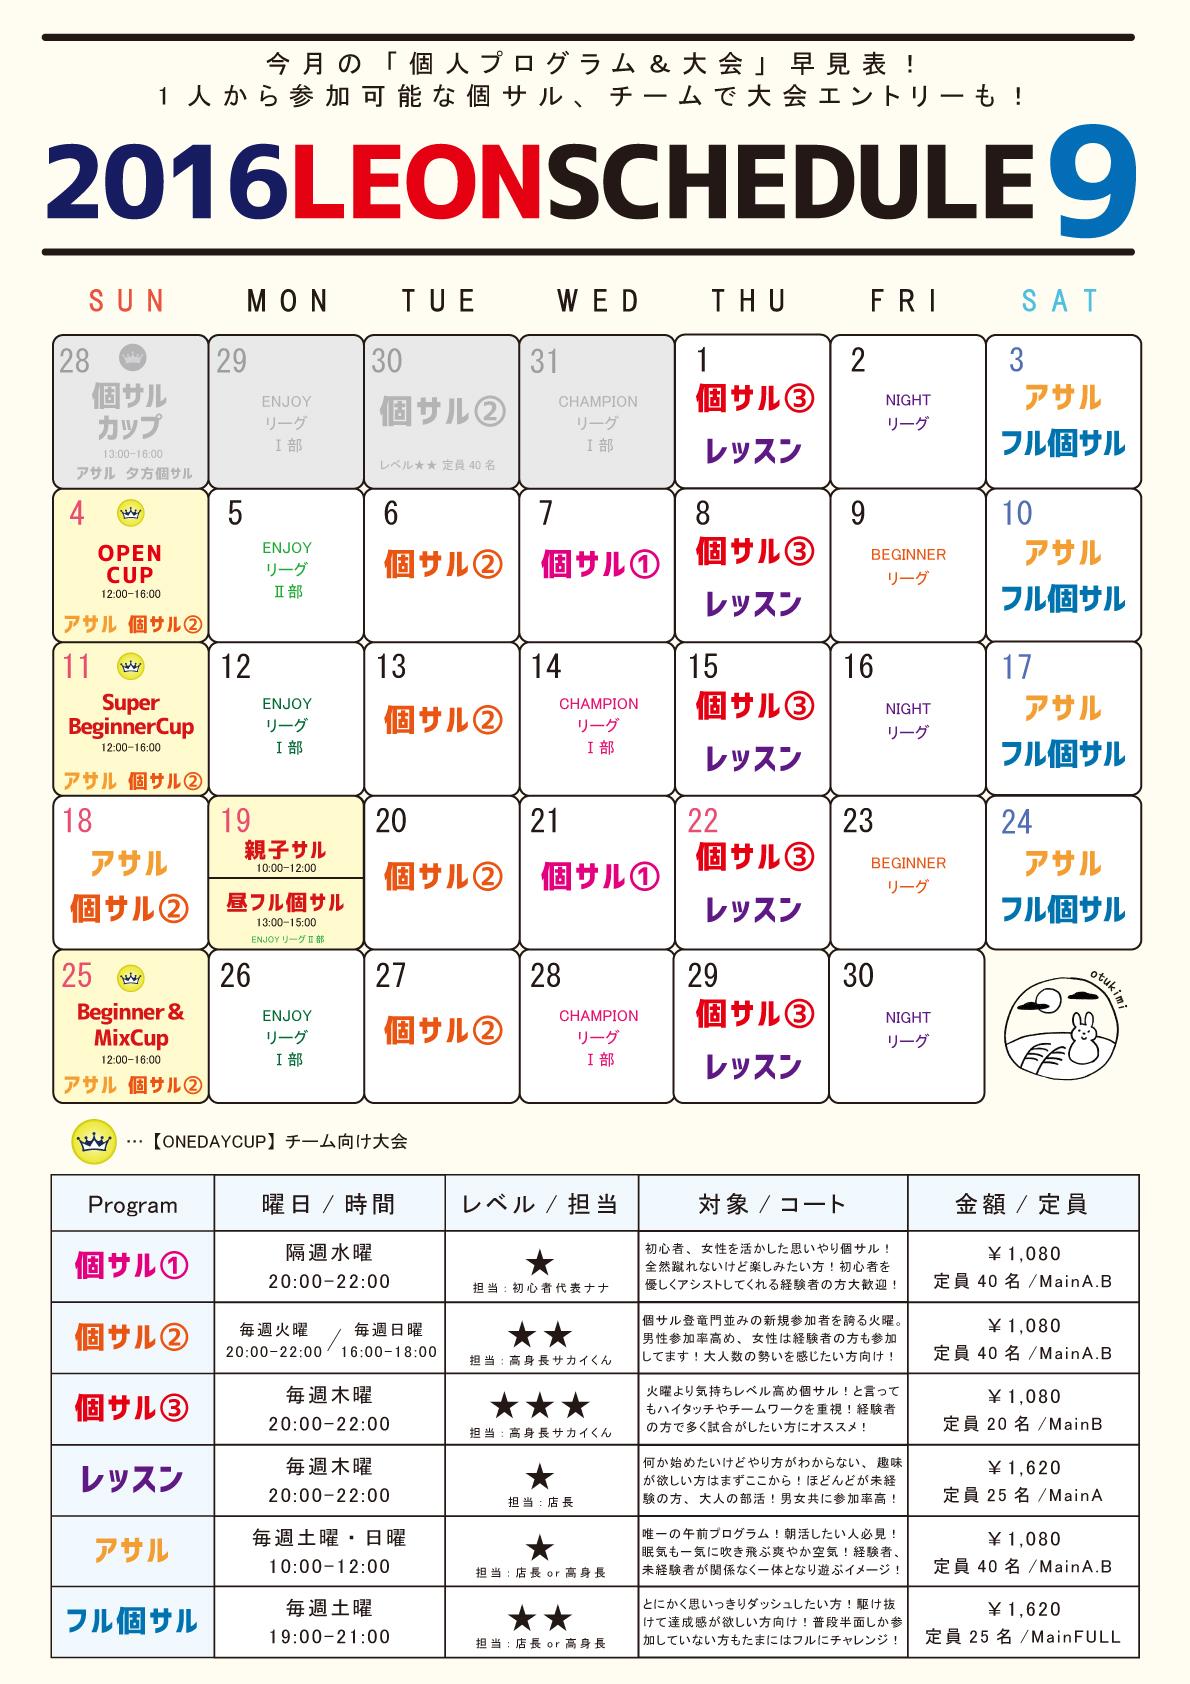 9月掲示Schedule